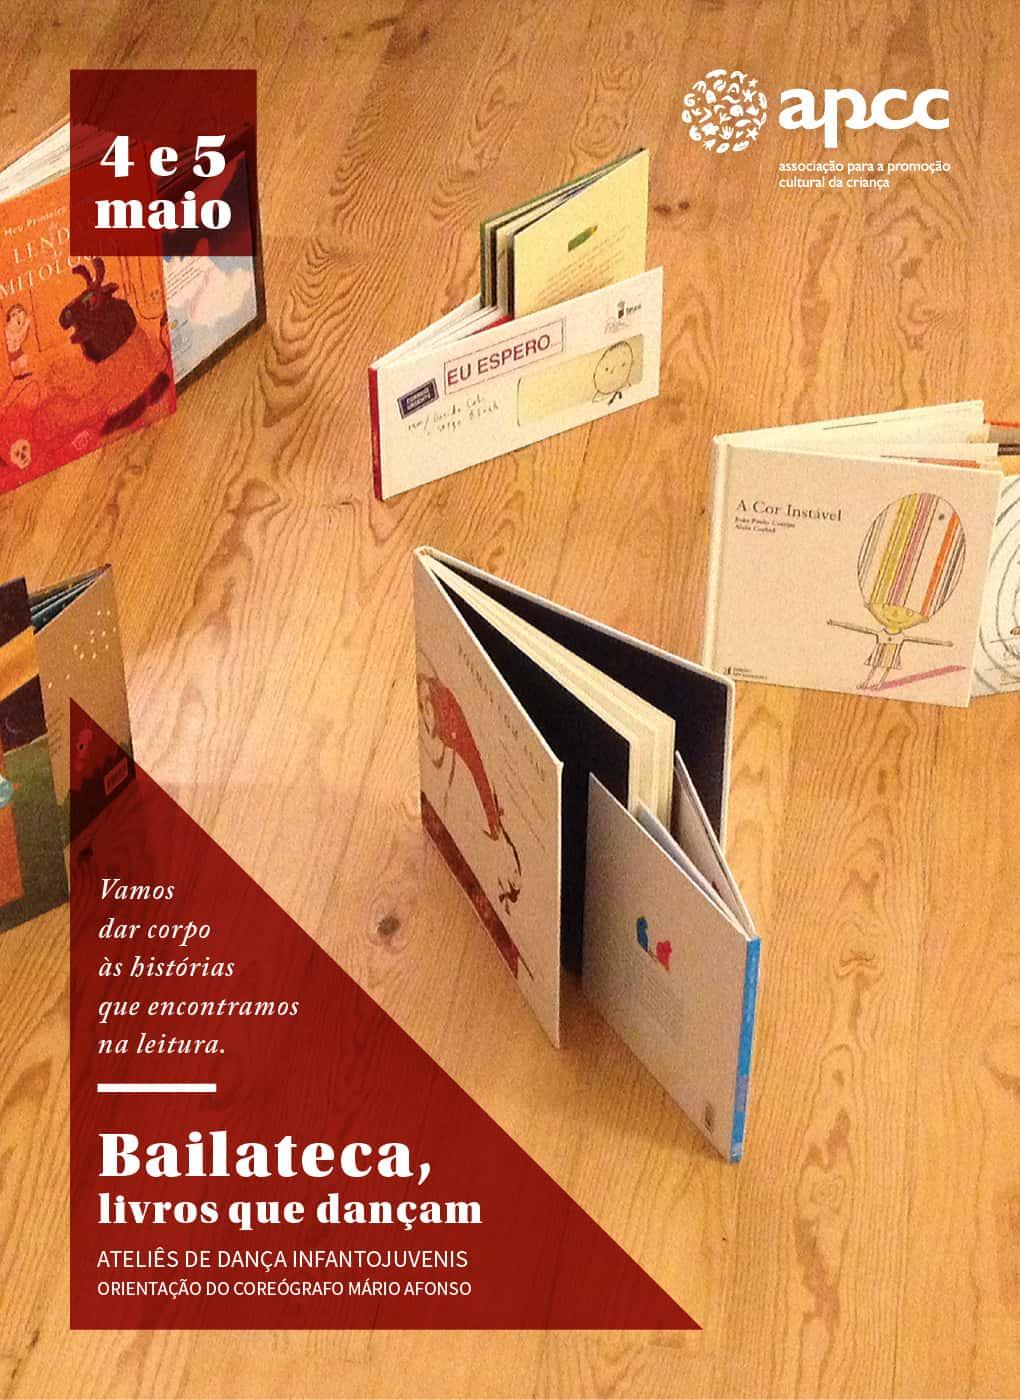 CICLO DE ATELIÊS DE DANÇA – BAILATECA | APCC